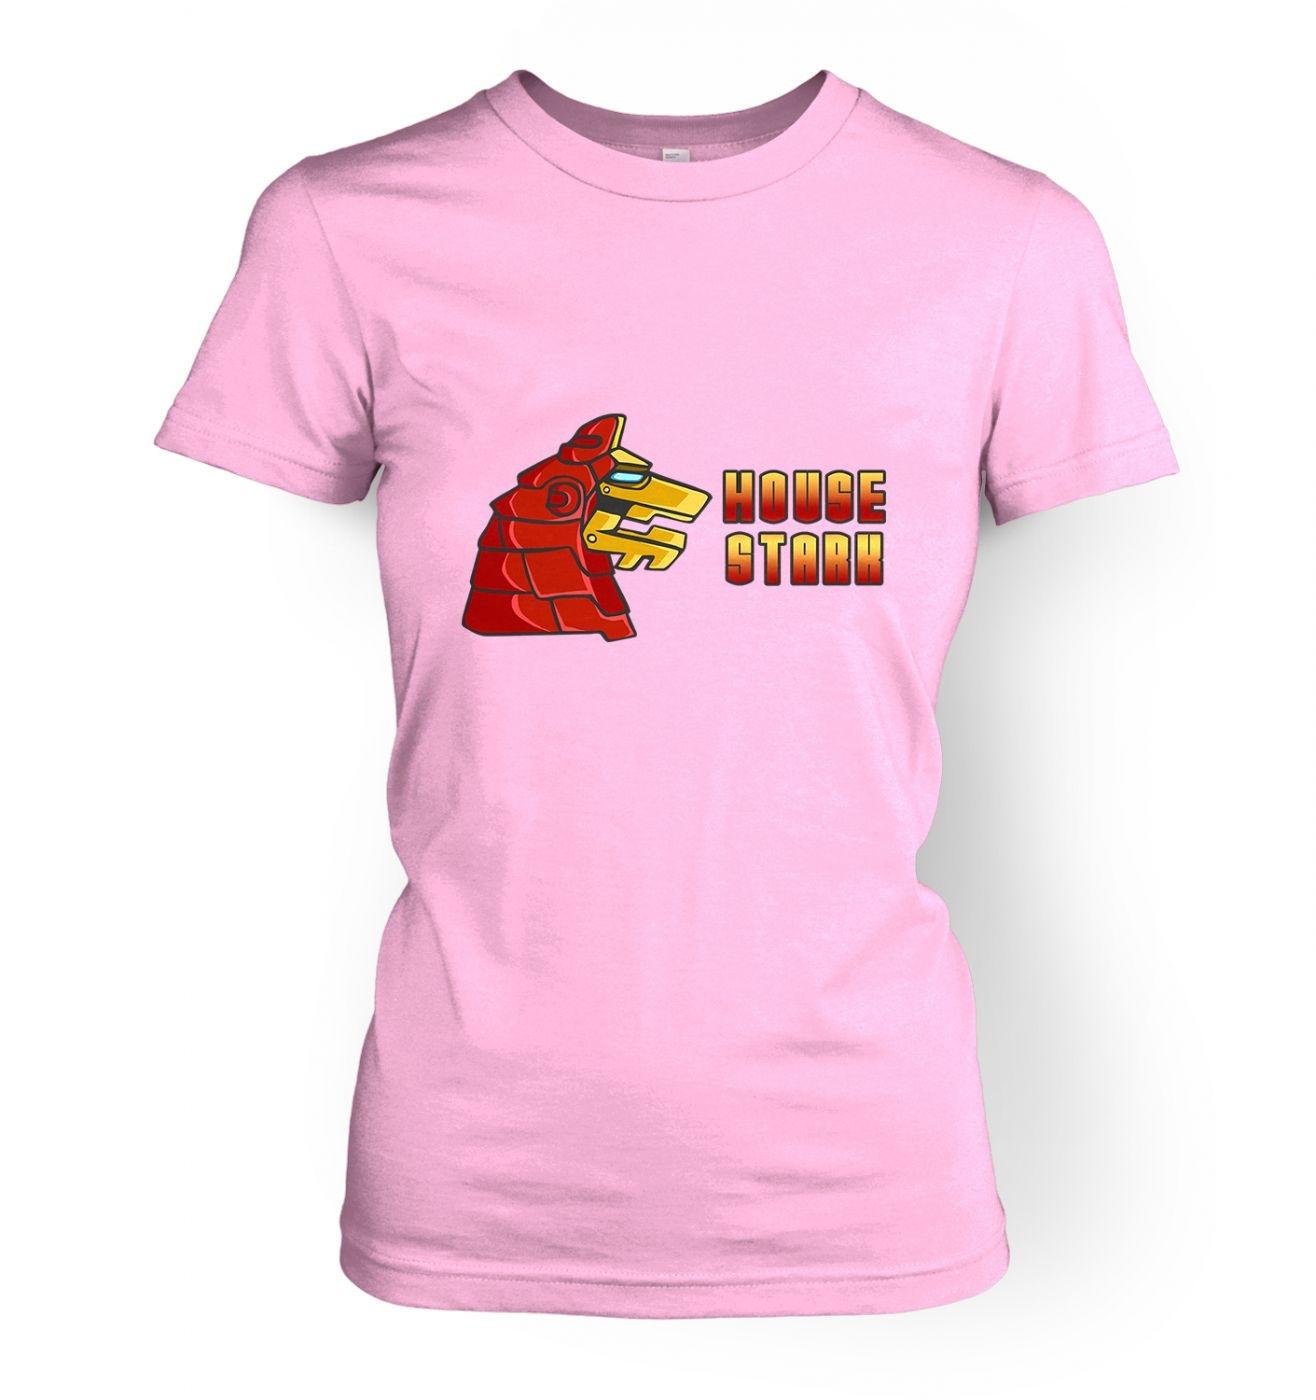 House Stark Industries women's t-shirt